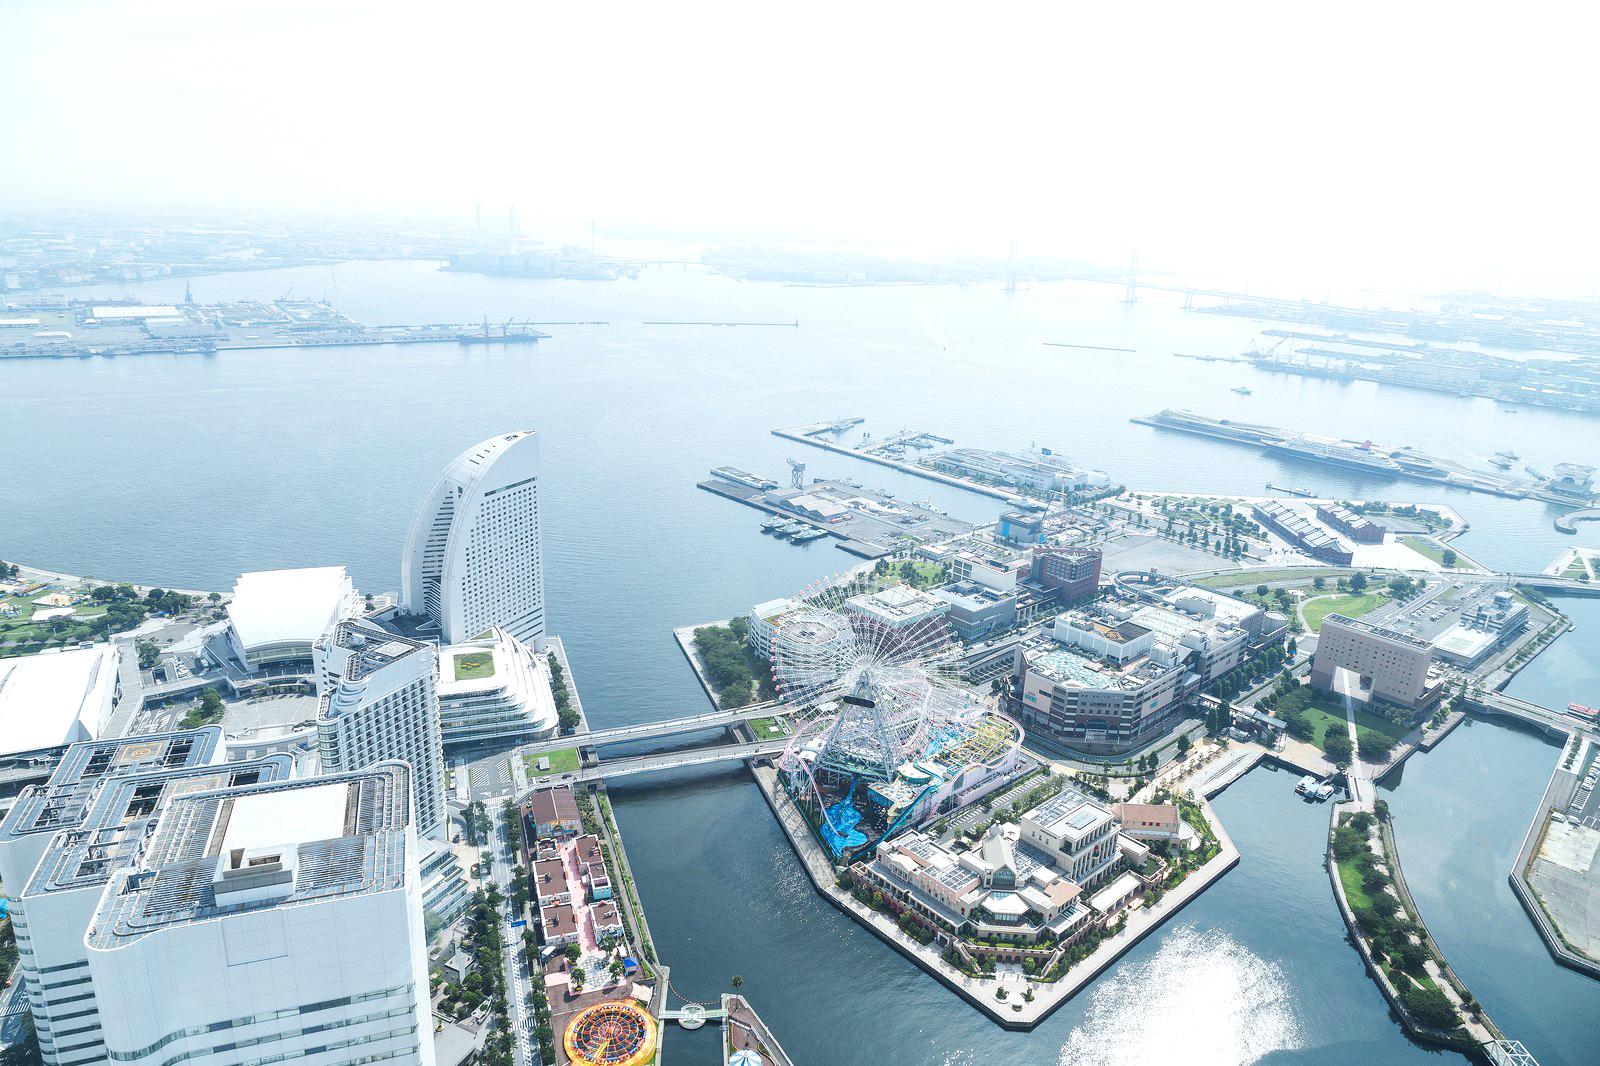 横浜のおしゃれな賃貸まとめ~みなとみらい周辺&テレワークにおすすめのお部屋編~